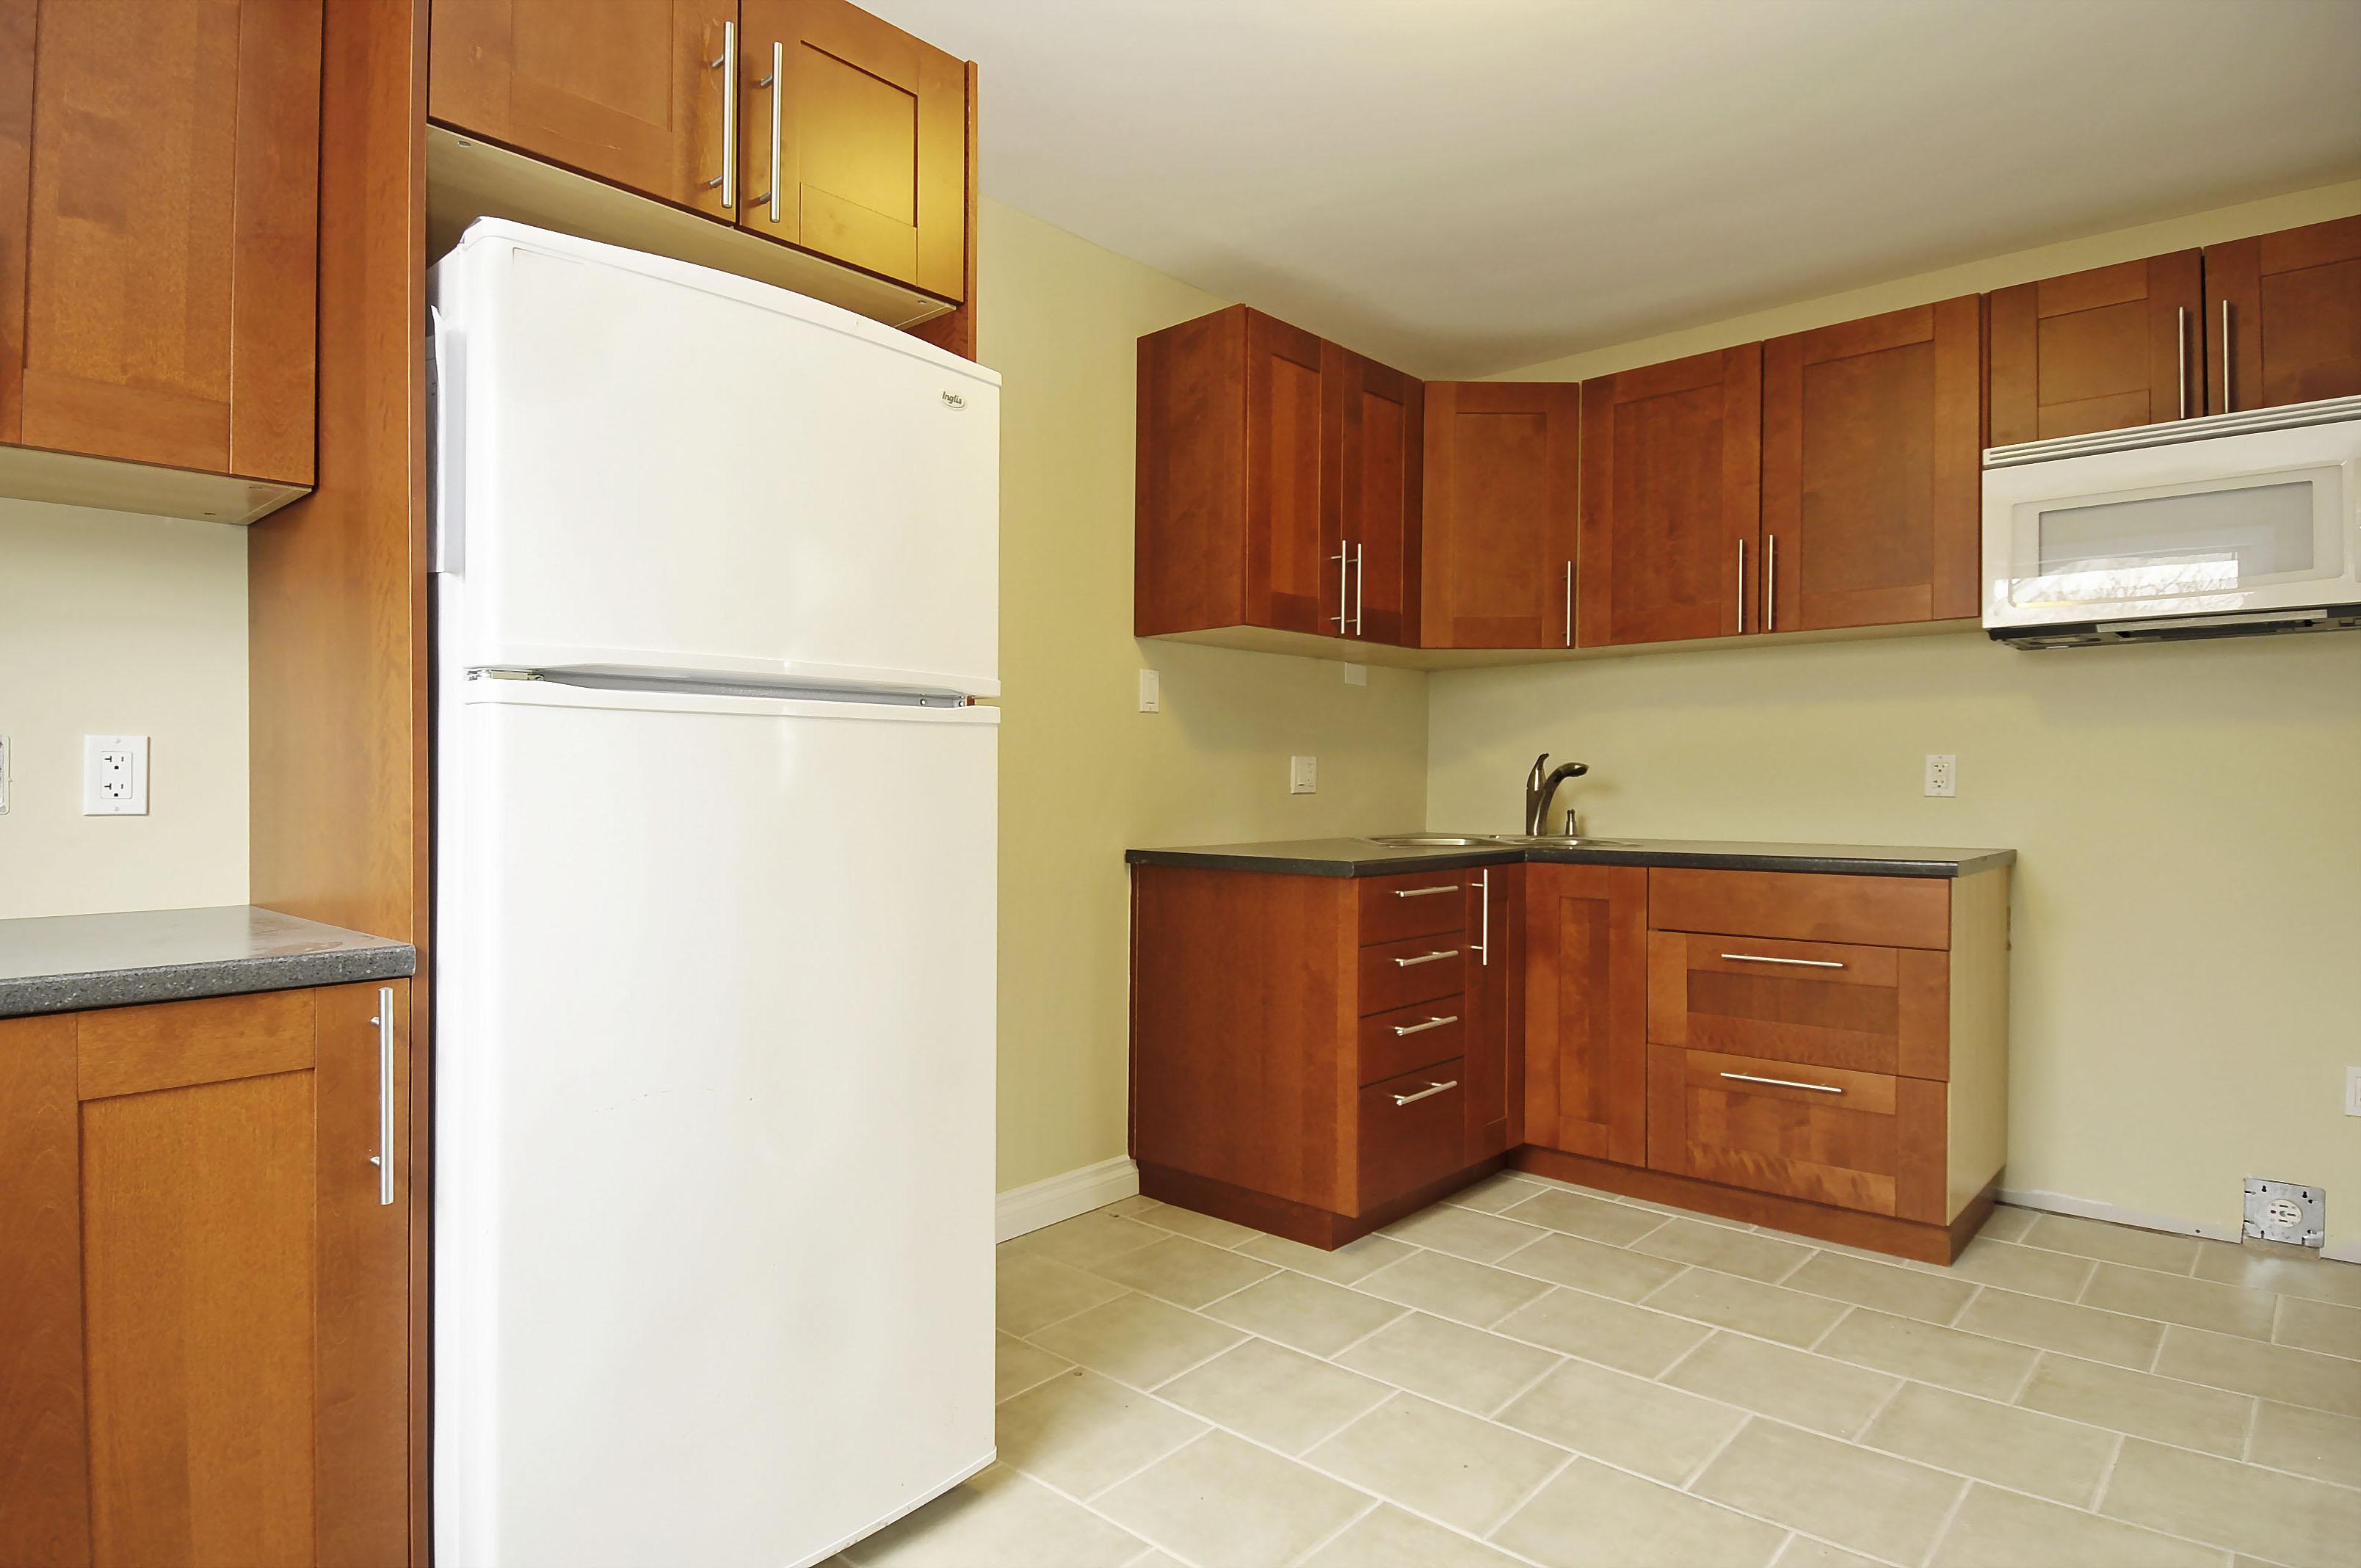 2-1127 Richard Avenue second floor kitchen fridge